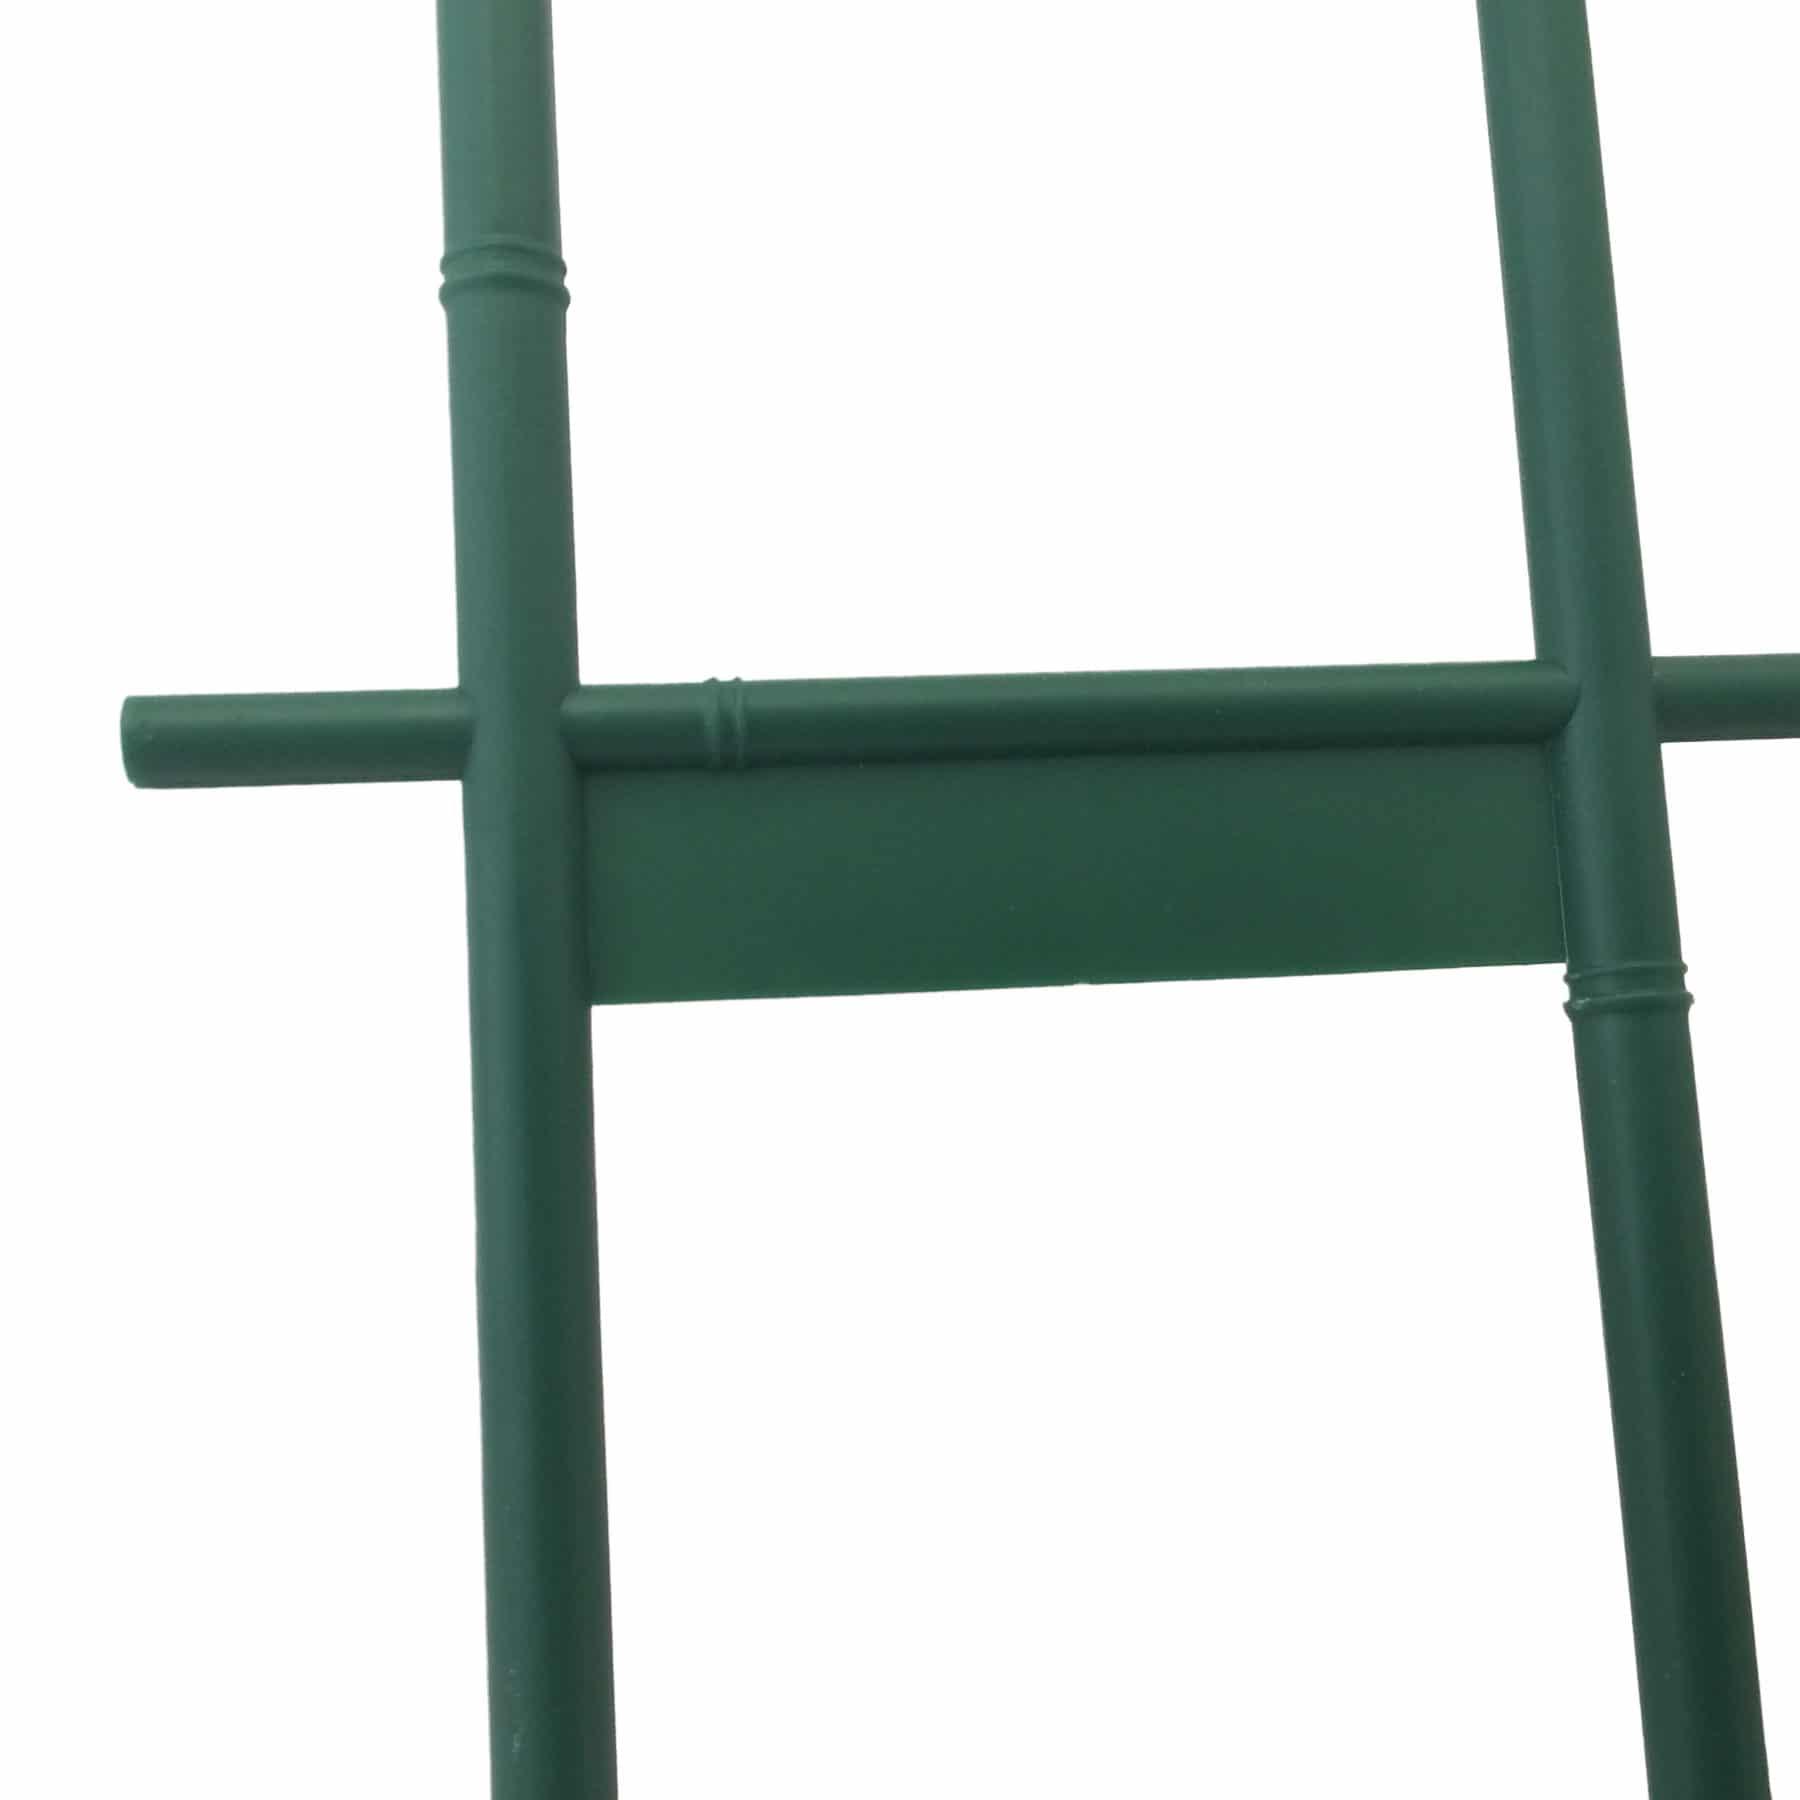 tutechelle chelle pour le tuteurage de vos plantes tutovert colliers de tuteurages pour arbres. Black Bedroom Furniture Sets. Home Design Ideas